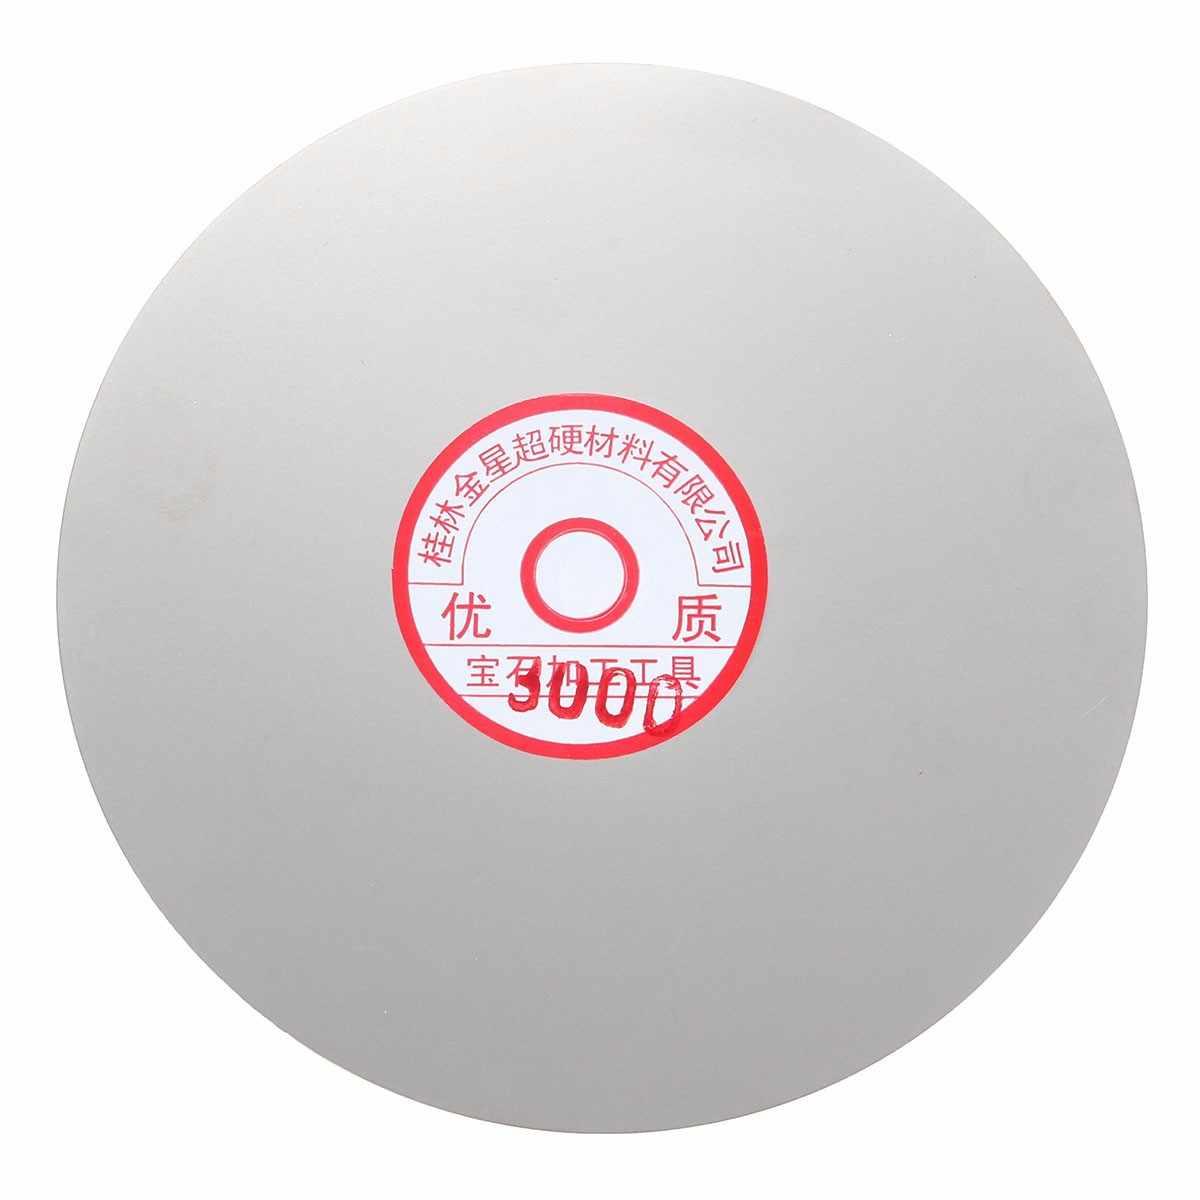 Juego de disco de pulido de 3 piezas de 6 pulgadas de 600 #1500 #3000 con revestimiento de diamante joyería de cristal de roca